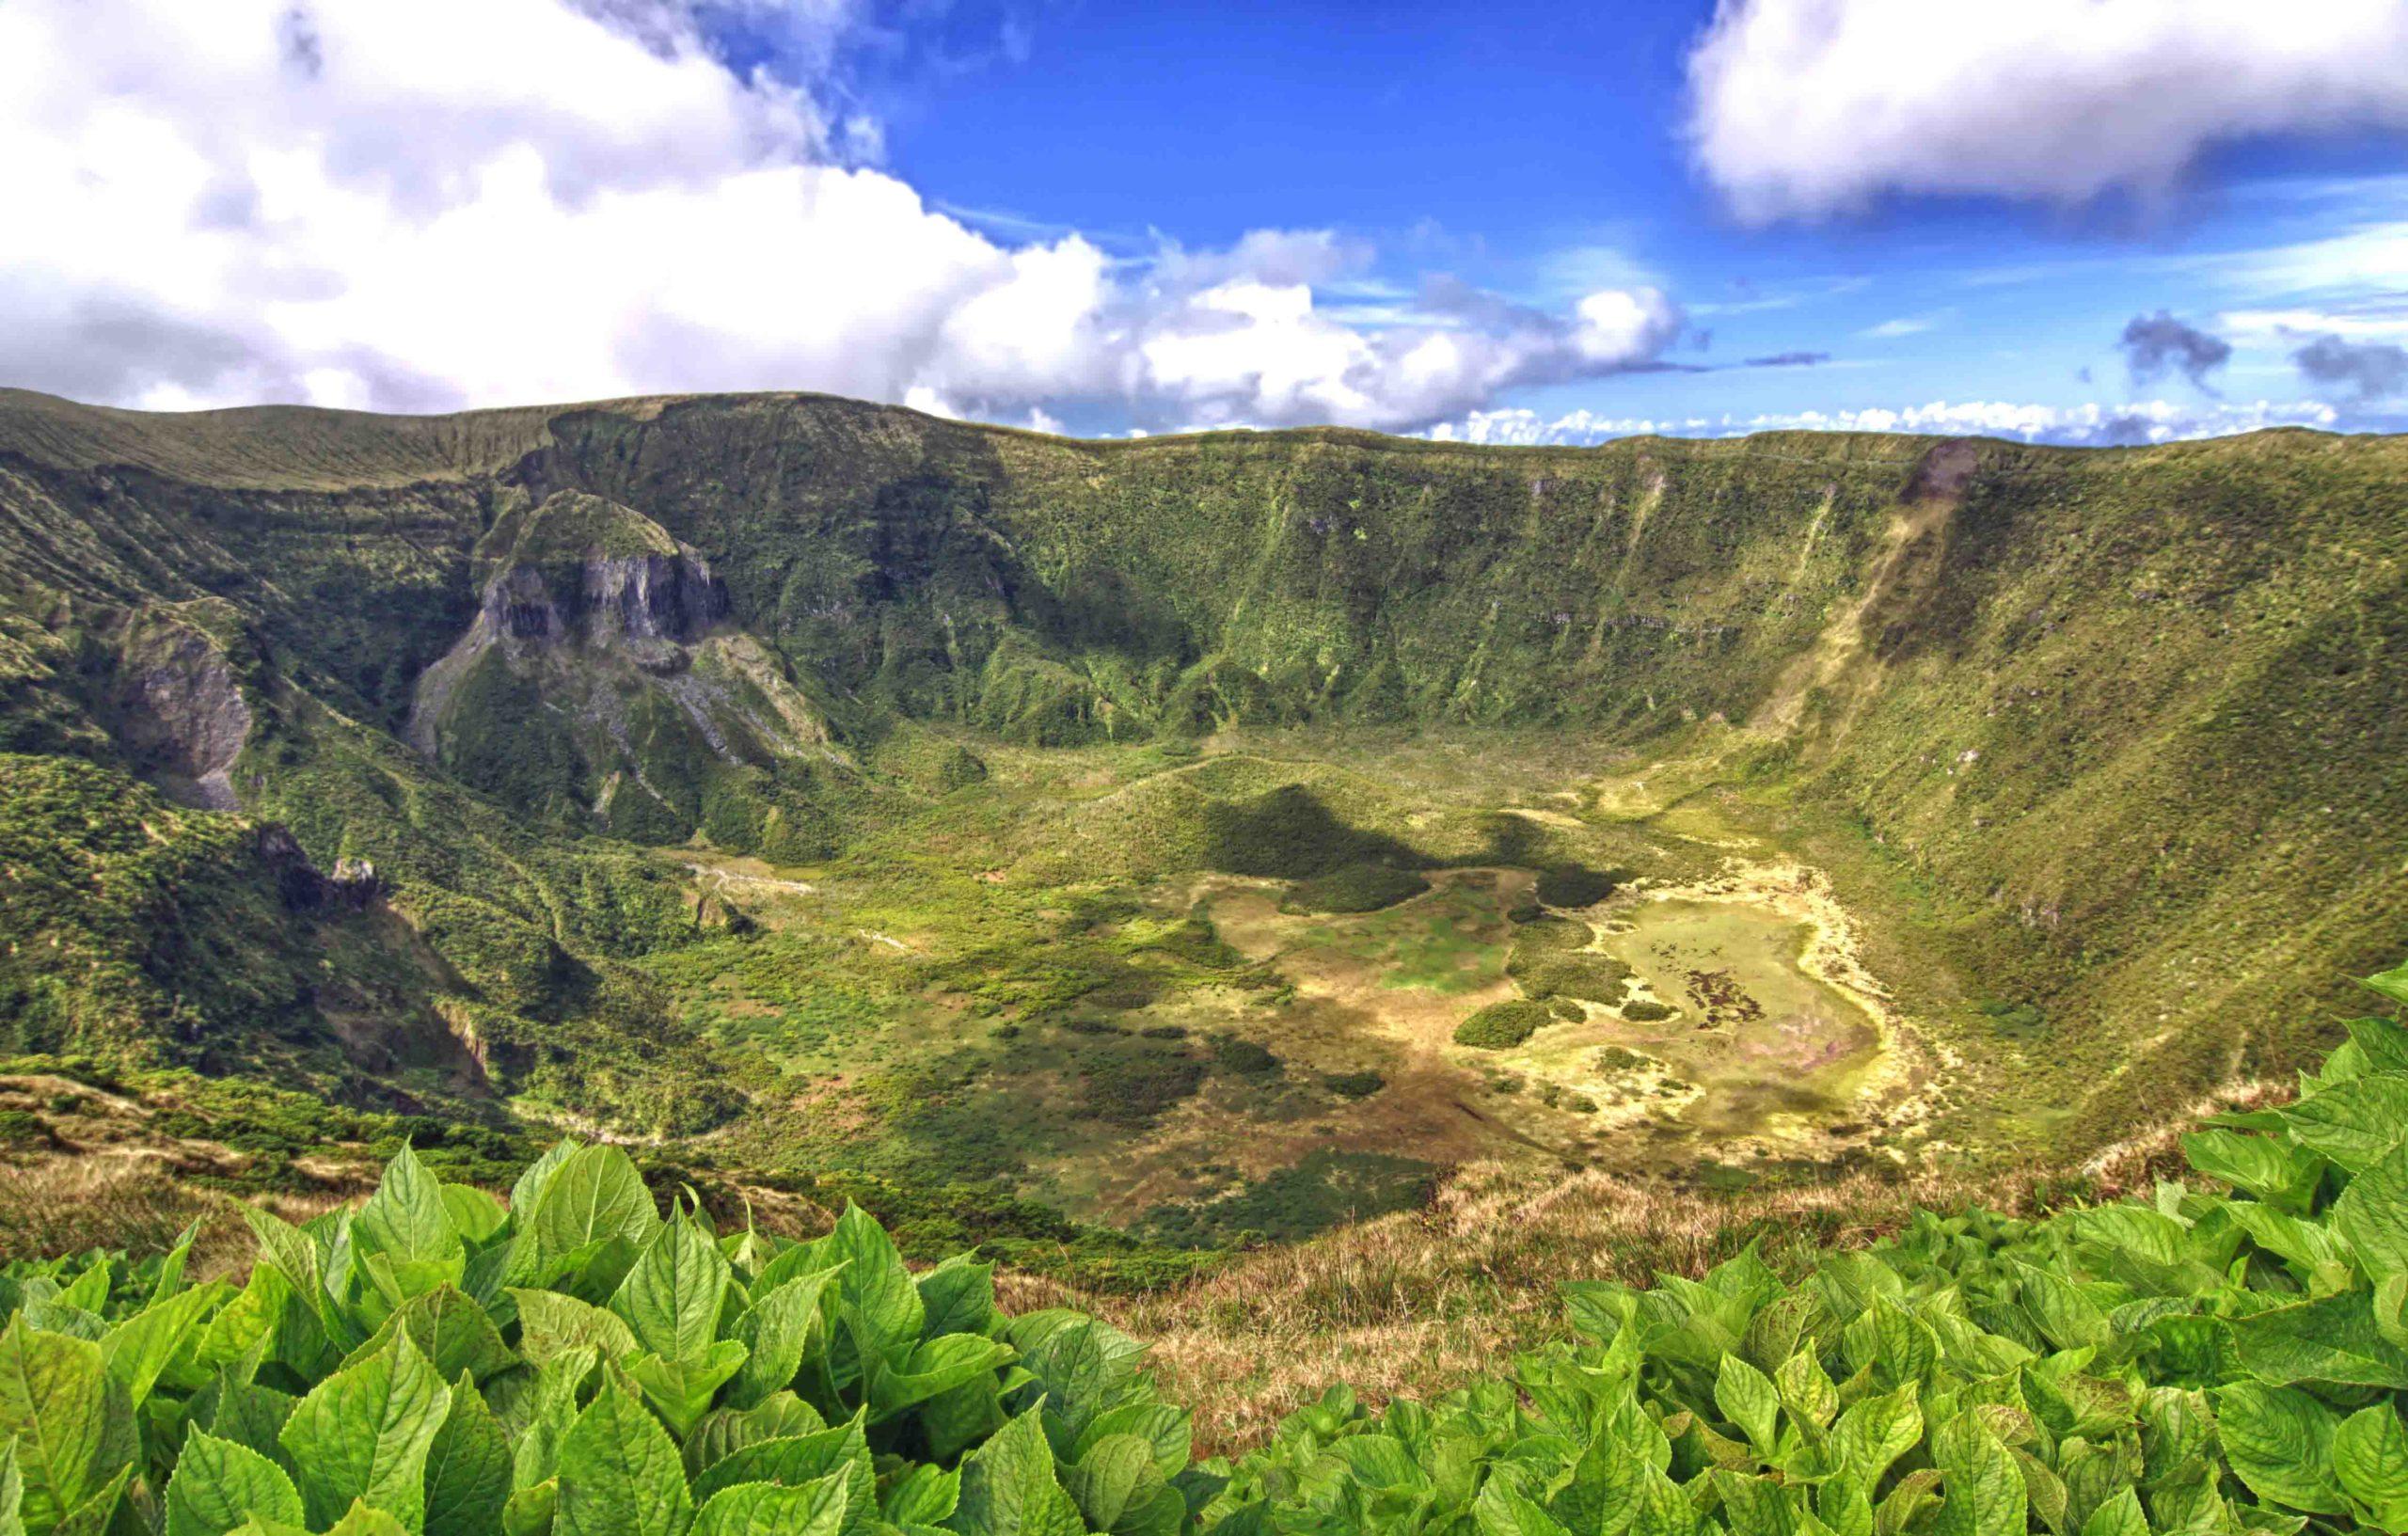 Découverte du Sud Ouest de l'ile de Faial